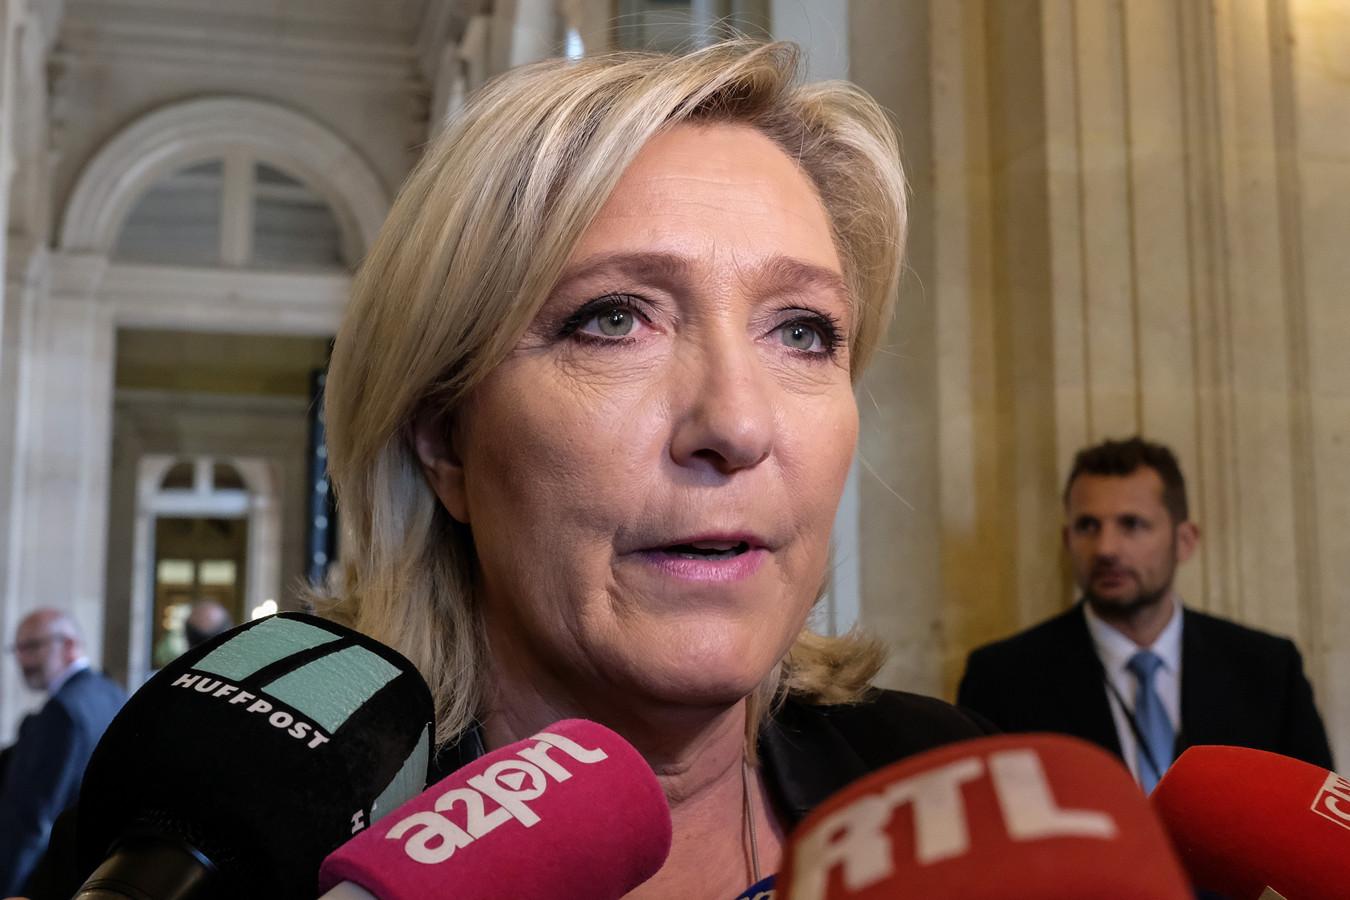 Marine Le Pen répond aux questions des journalistes à l'Assemblée nationale, Paris, France, le 28 mai 2019.